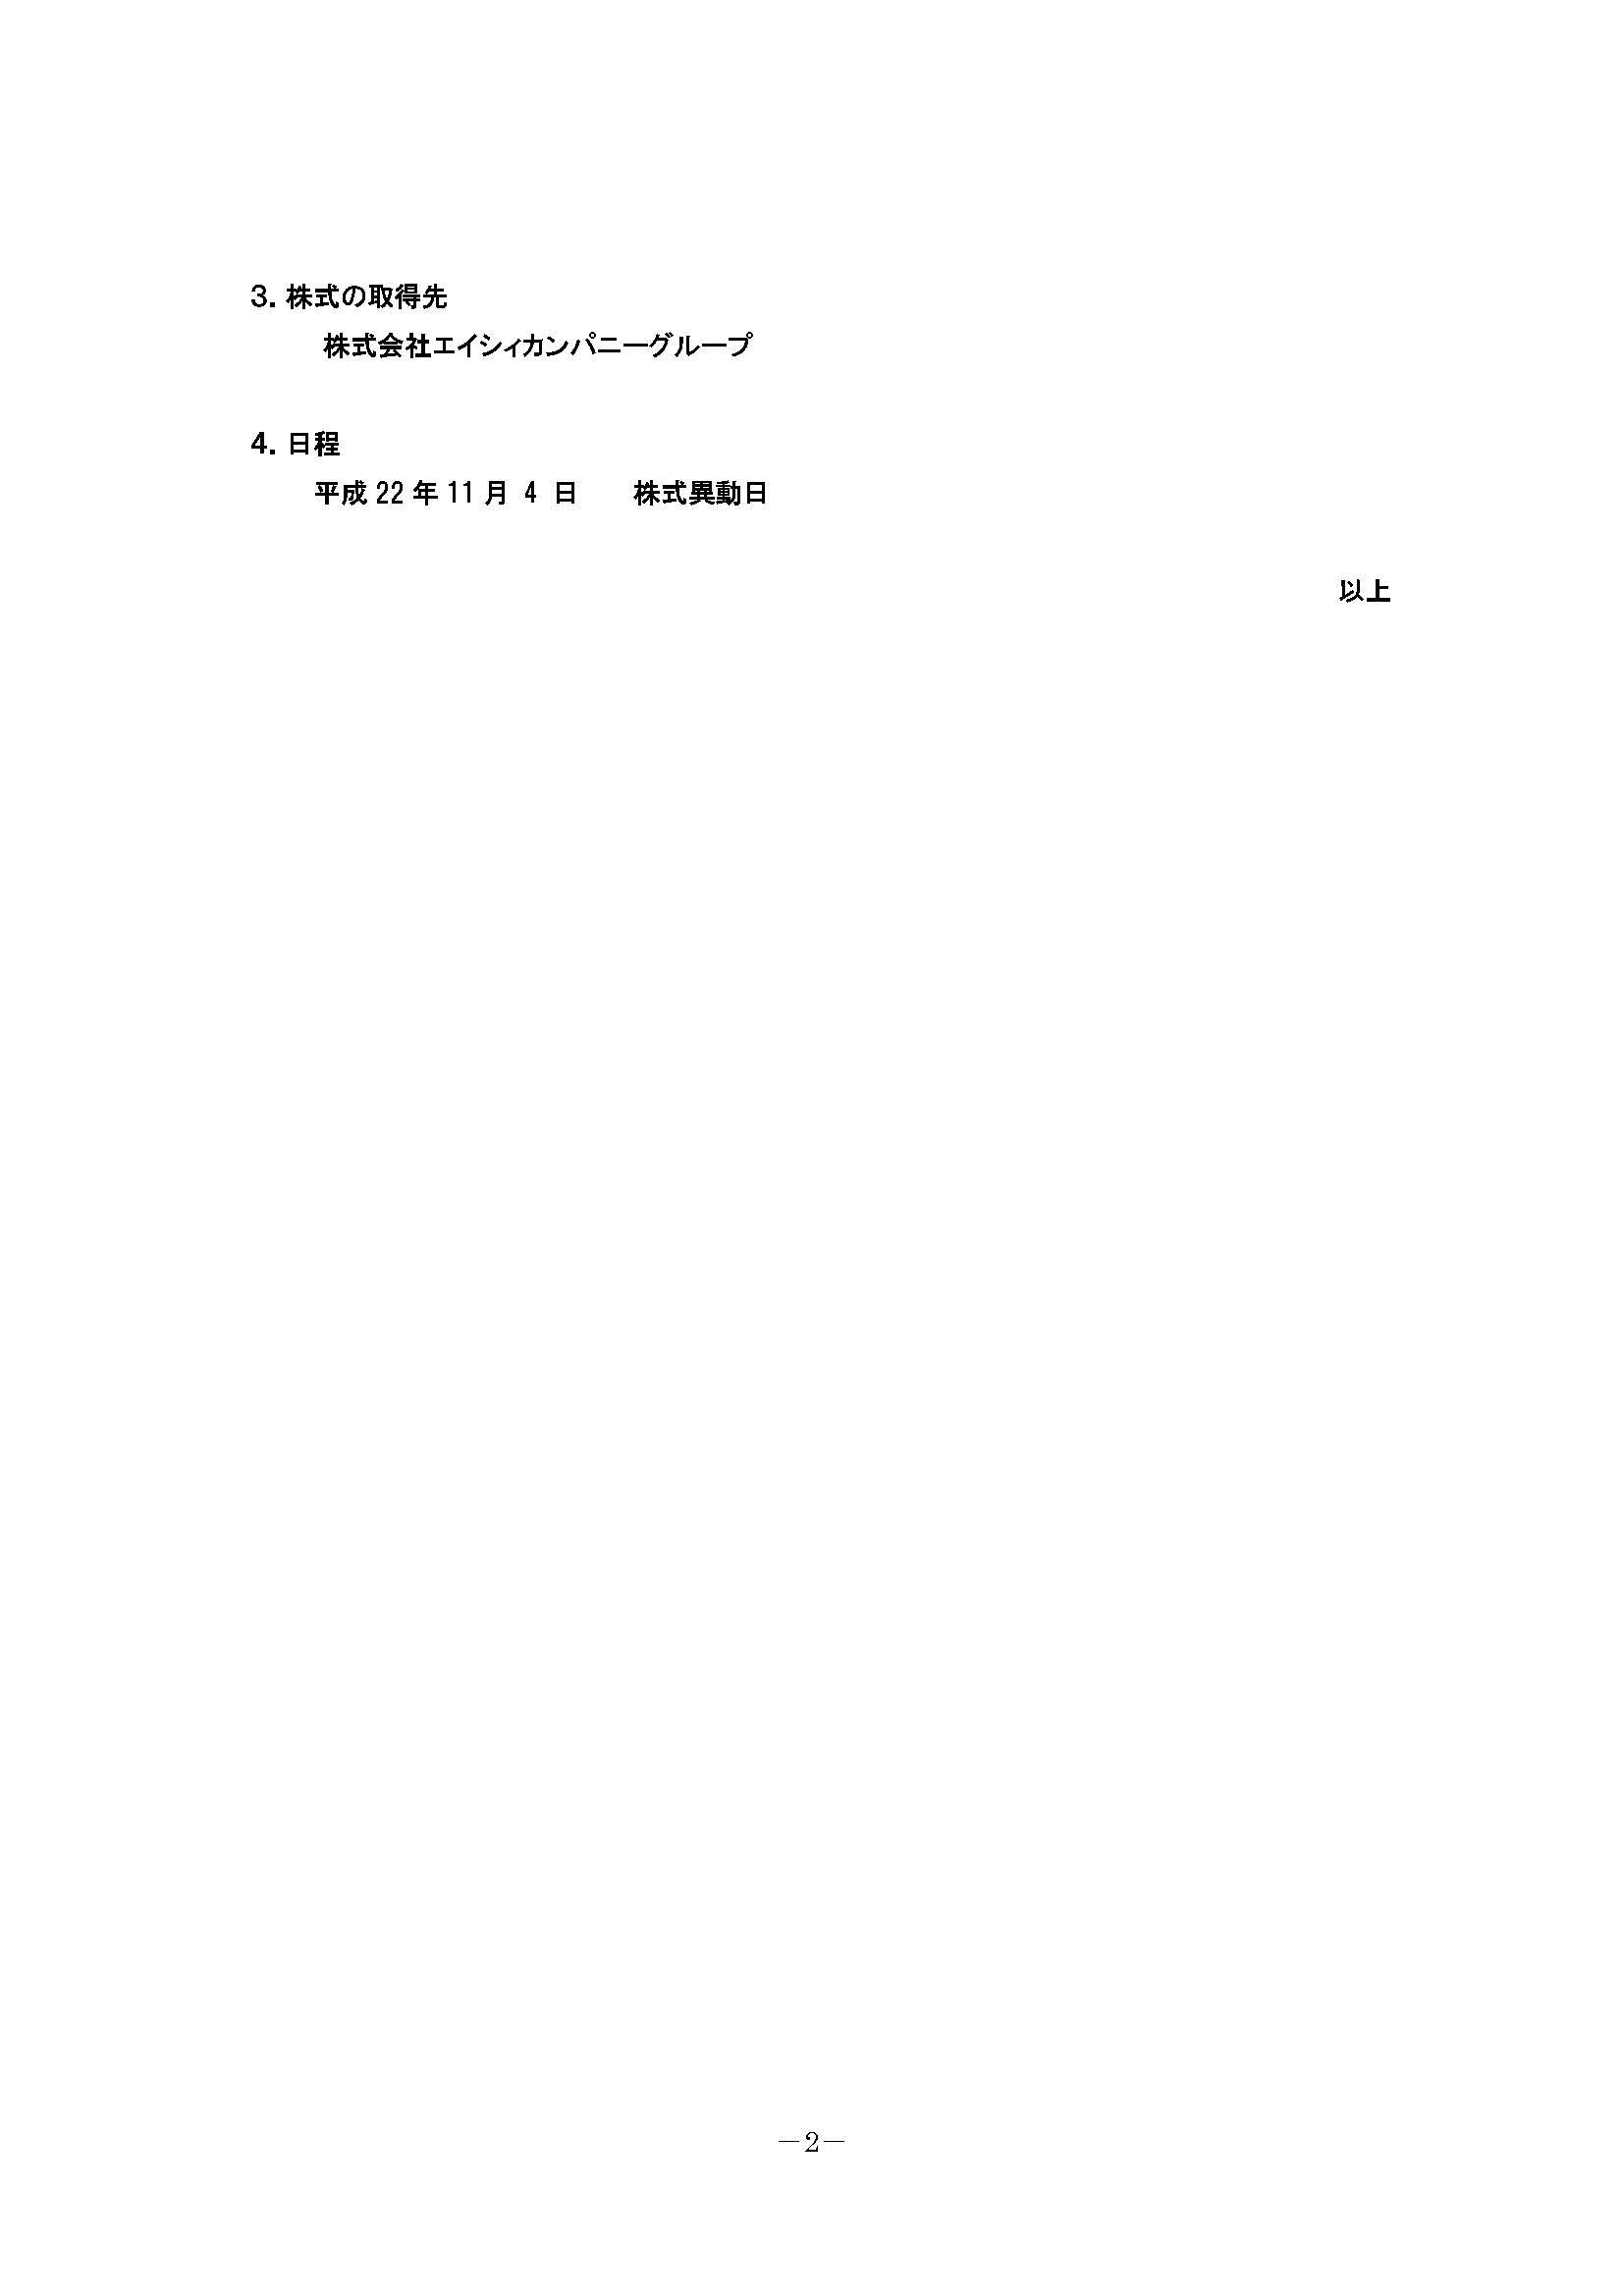 20101119株式取得に関するお知らせ_ページ_2